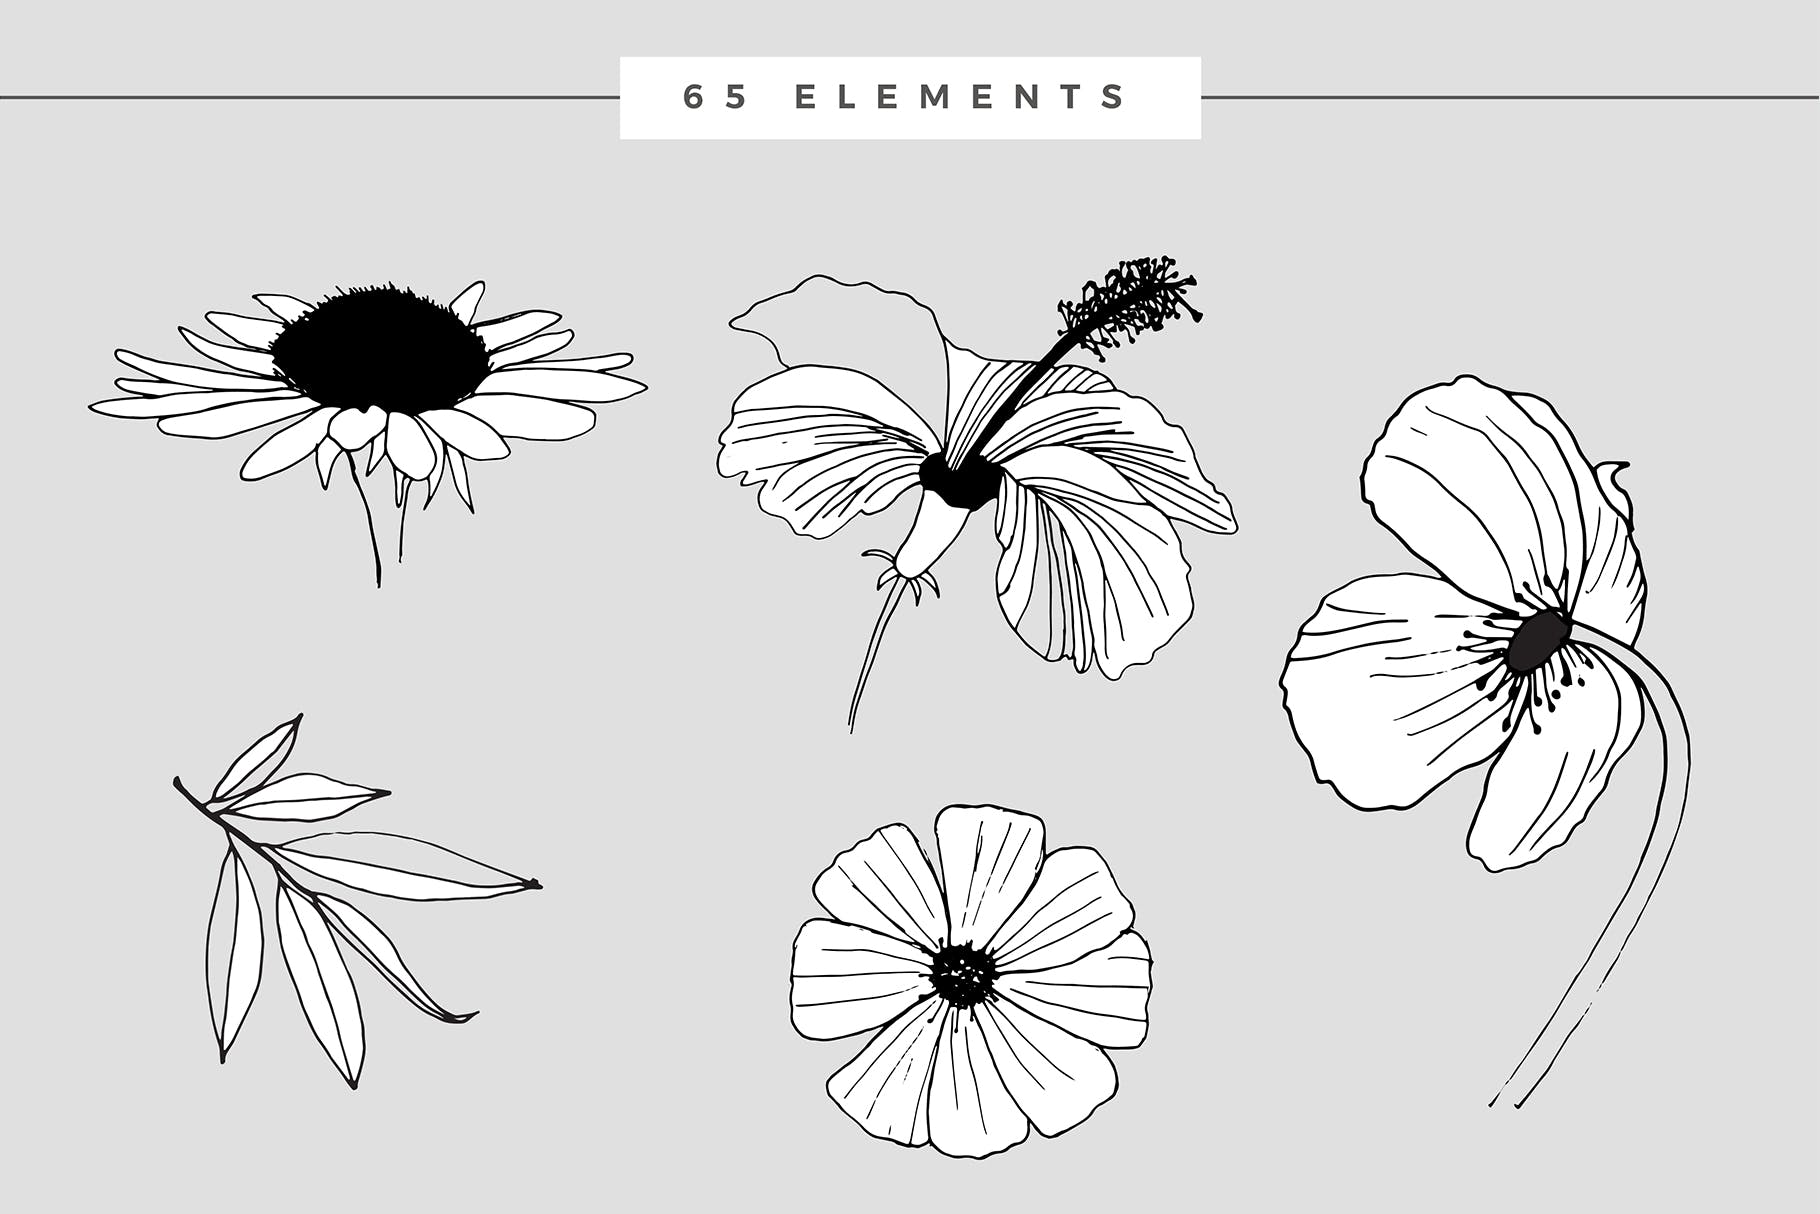 图形花卉图案装饰性元素图案花纹素材下载Graphic Flowers Patterns Elements插图(8)